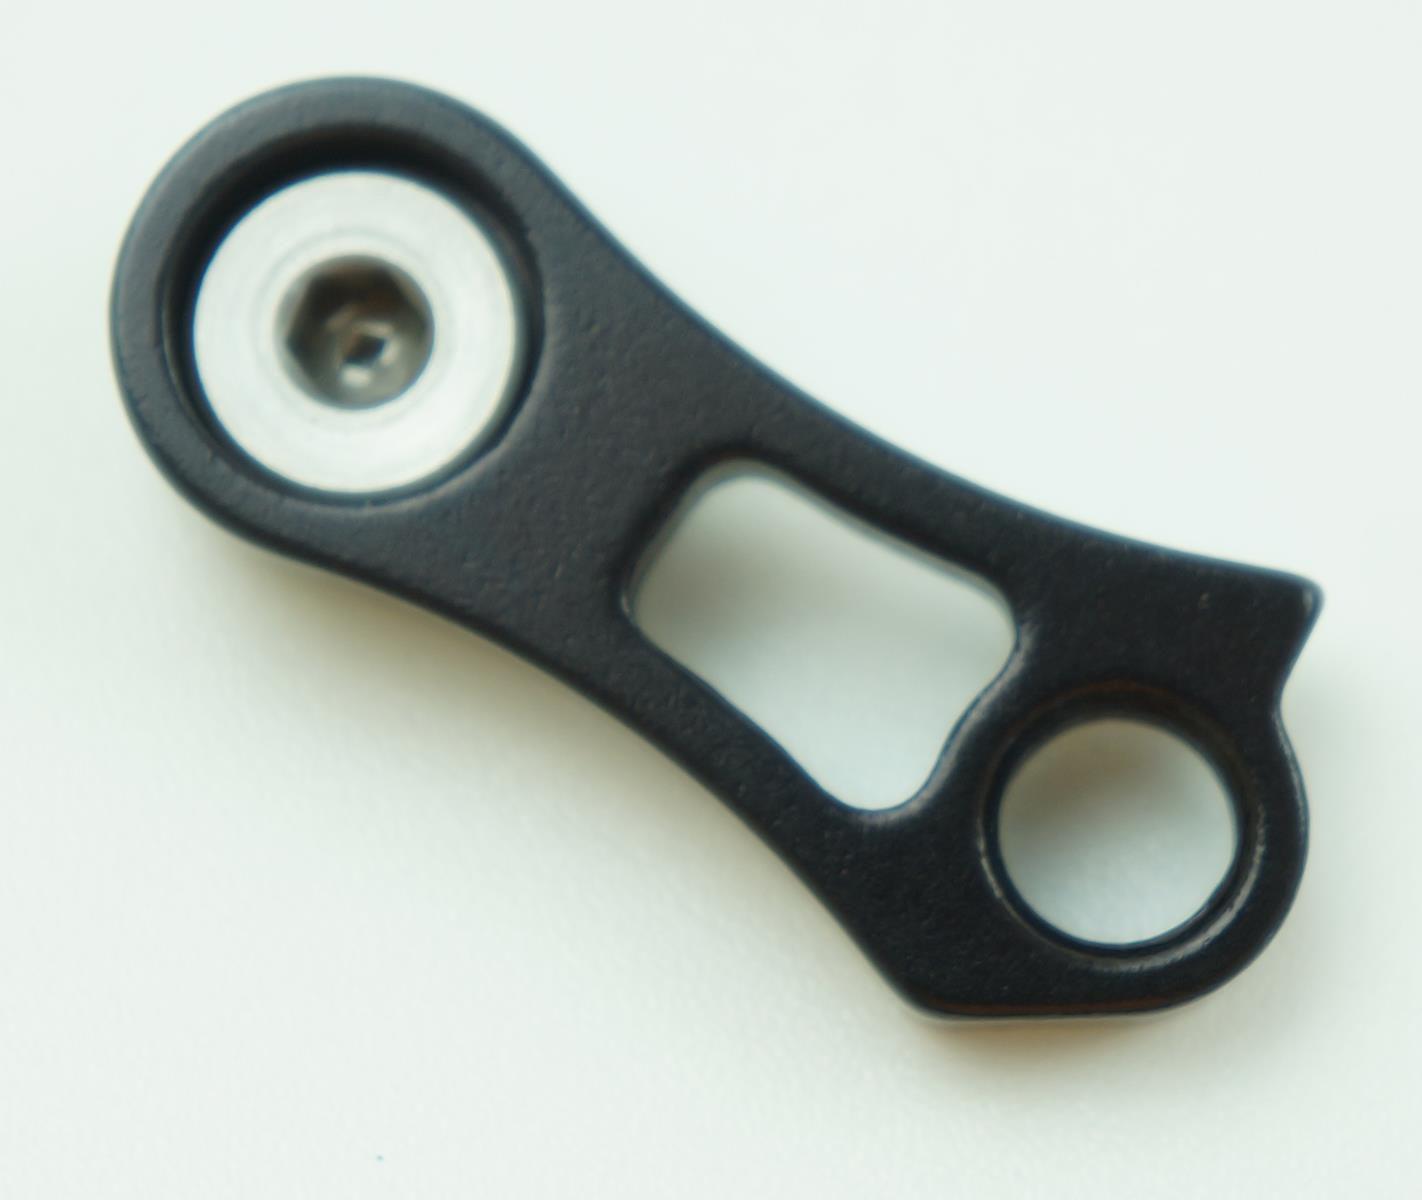 Prolongador de Gancheira para Cambio Traseiro Shimano 11 velocidades Cassete 11-46/50